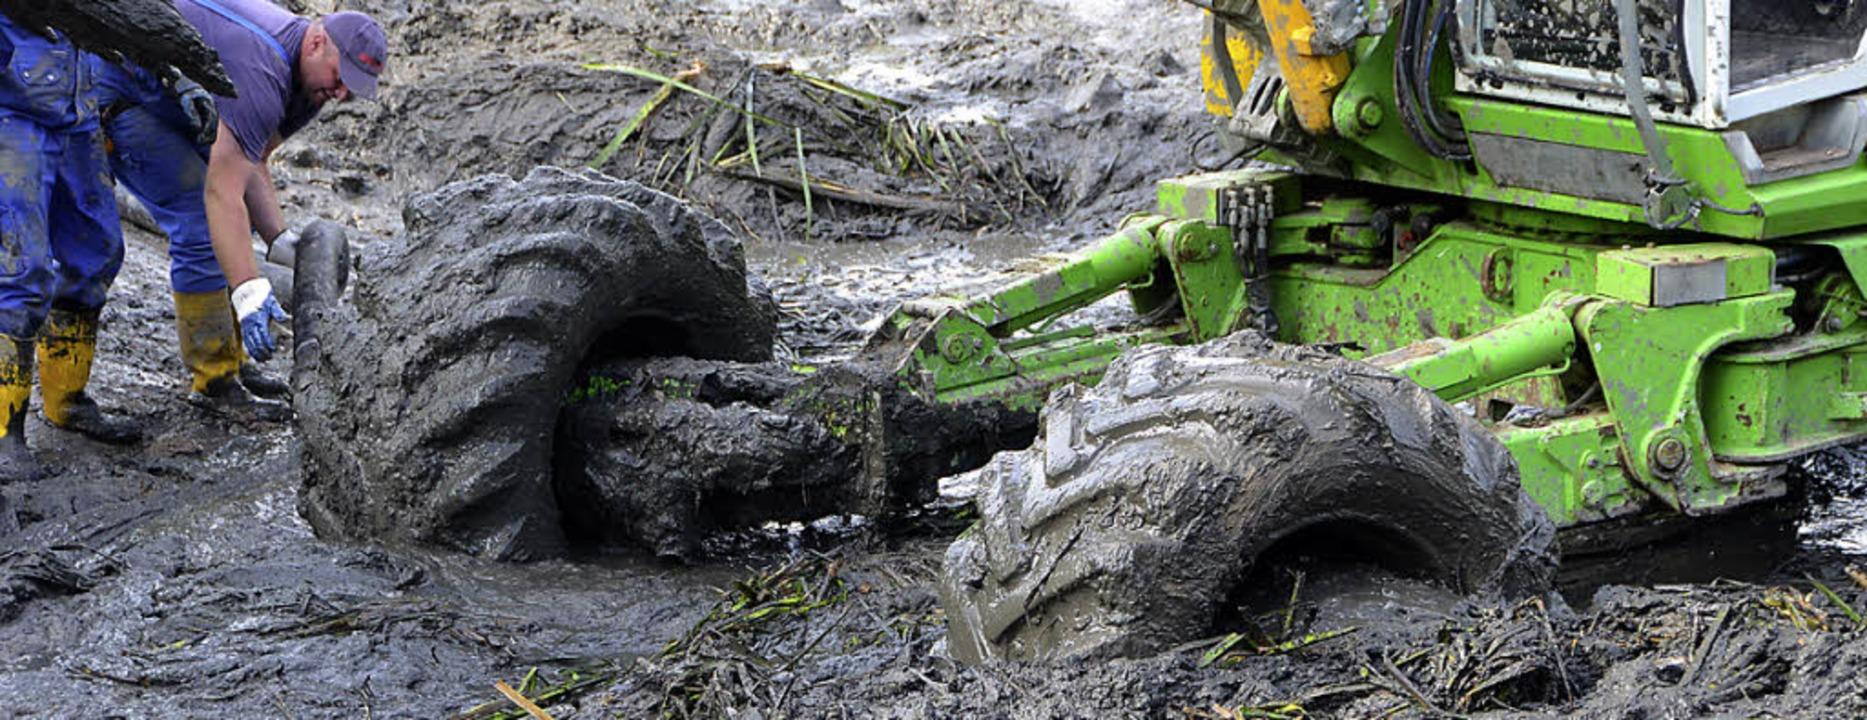 Das Ausbaggern des Teichs ist notwendi...Umkippen des Gewässers zu verhindern.   | Foto: Juliane Kühnemund